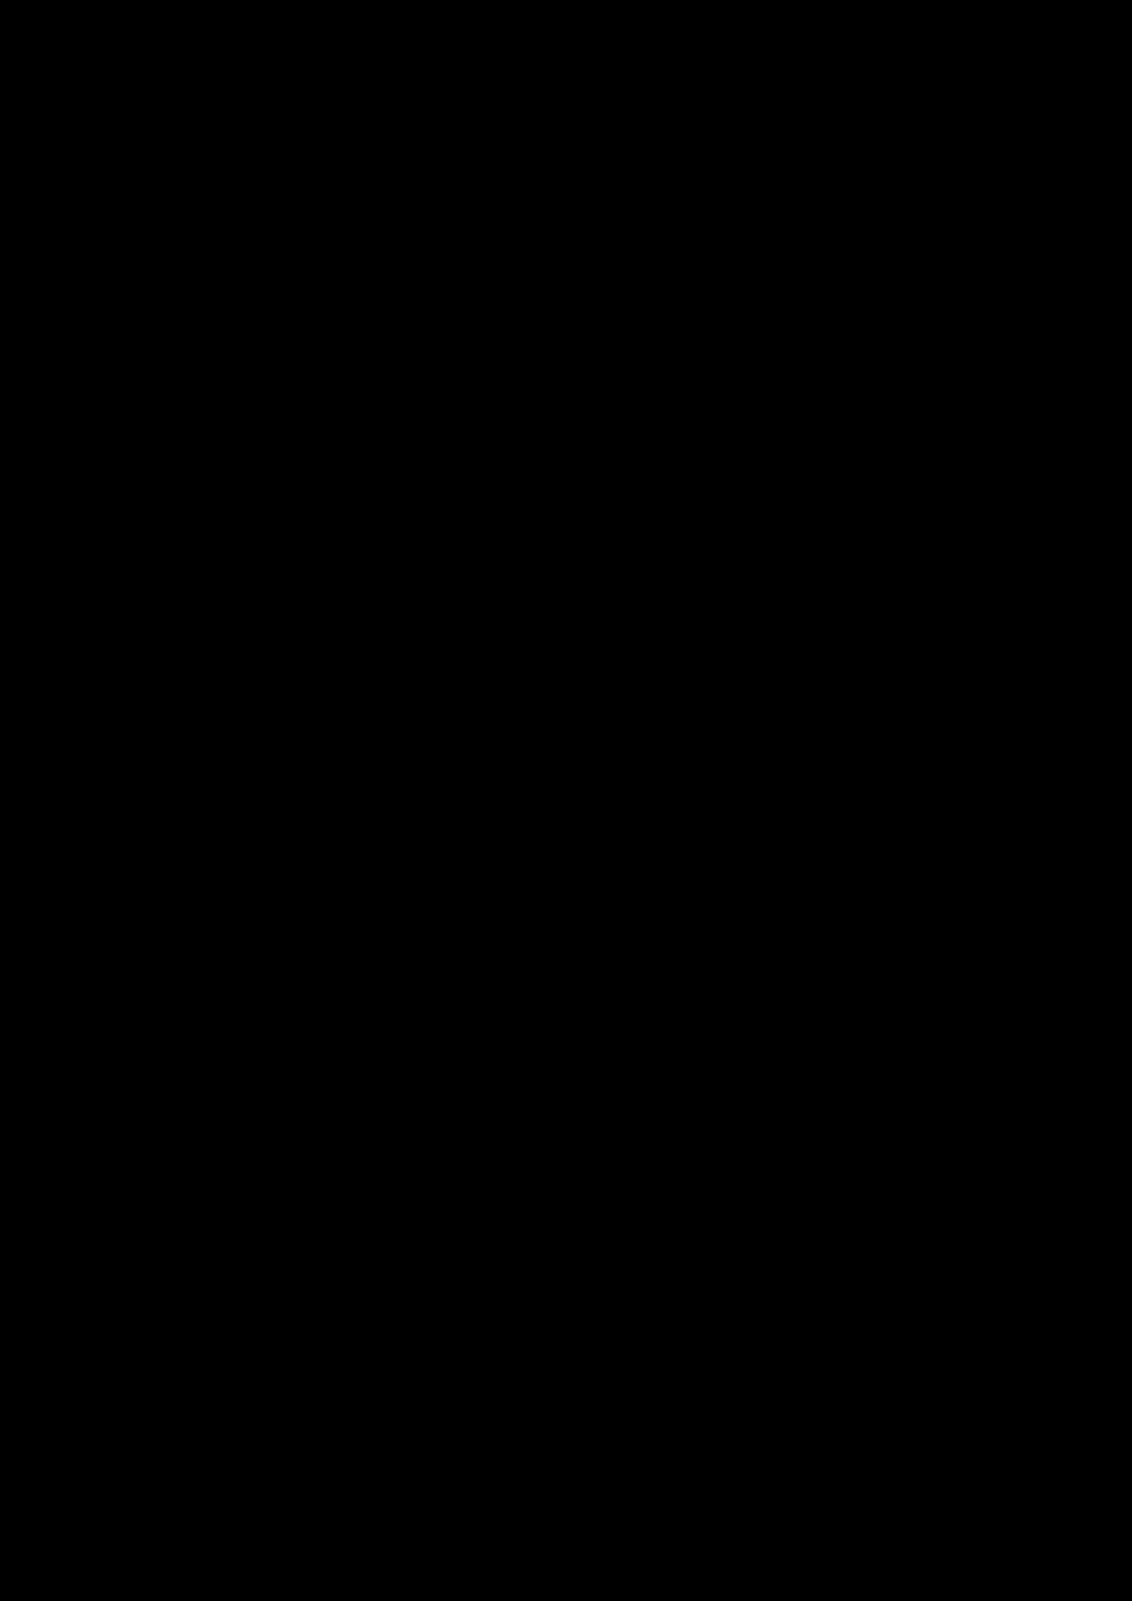 Vyibor Est slide, Image 62